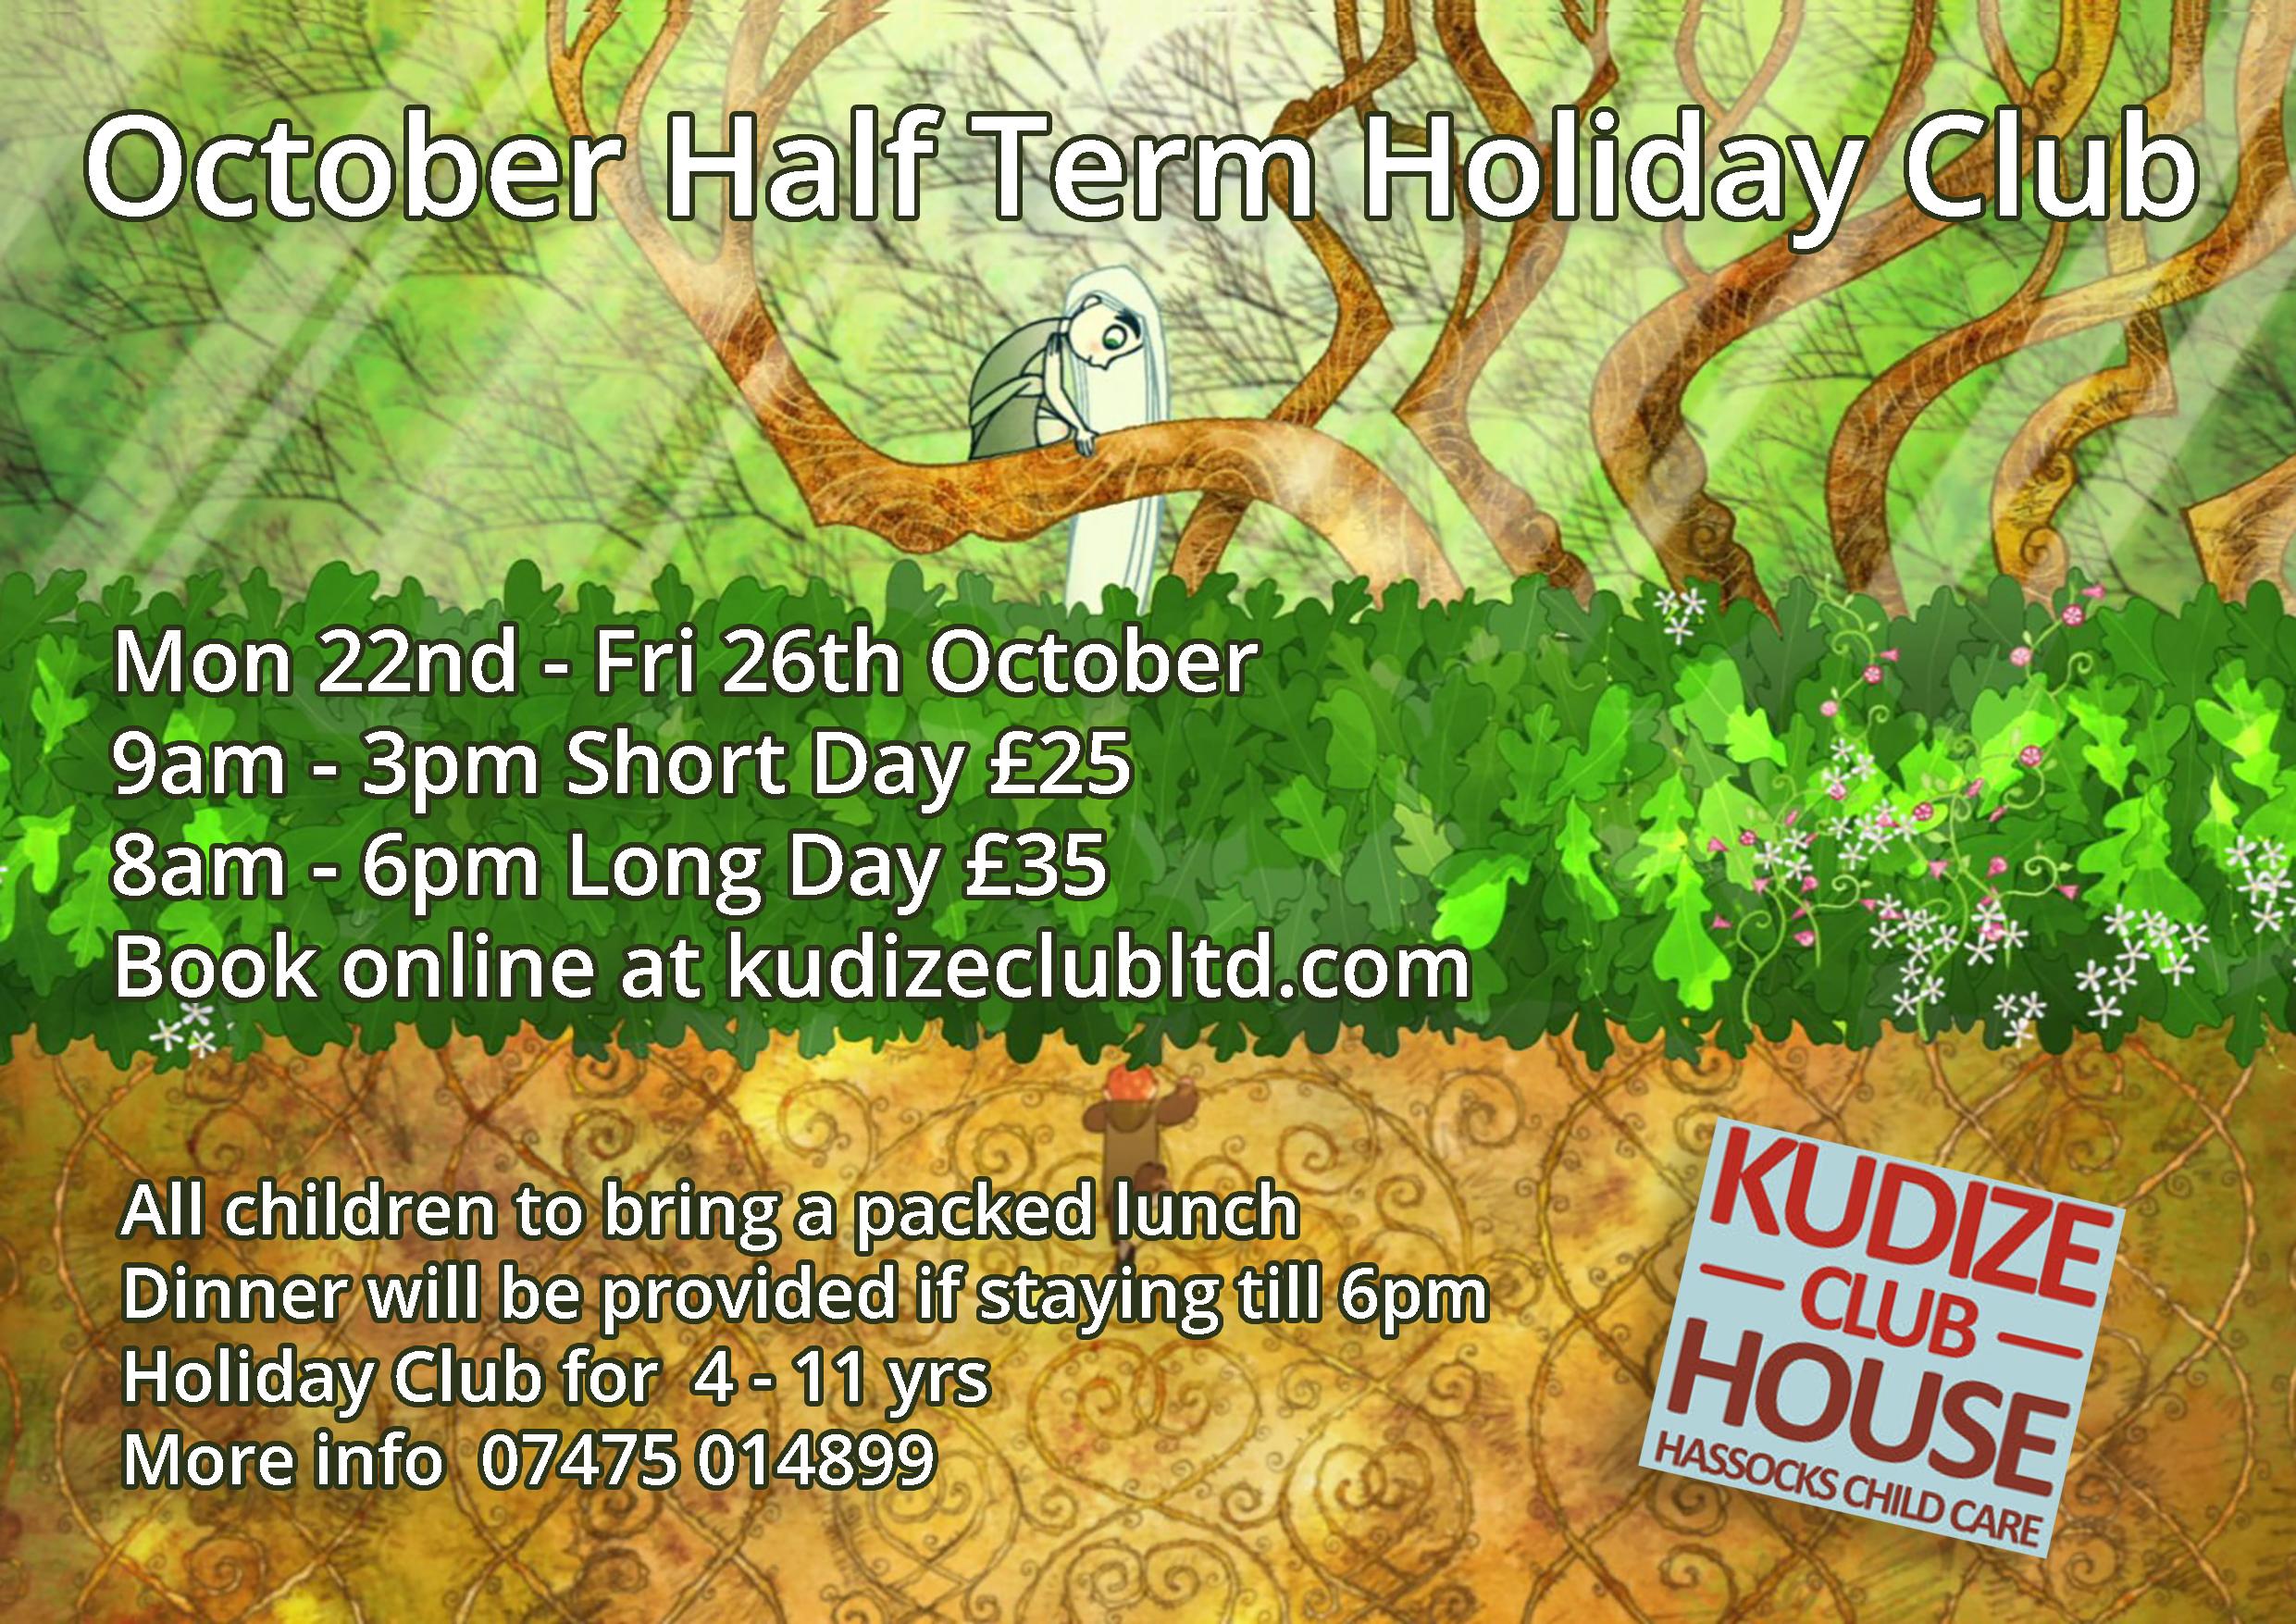 Kudize October Half Term